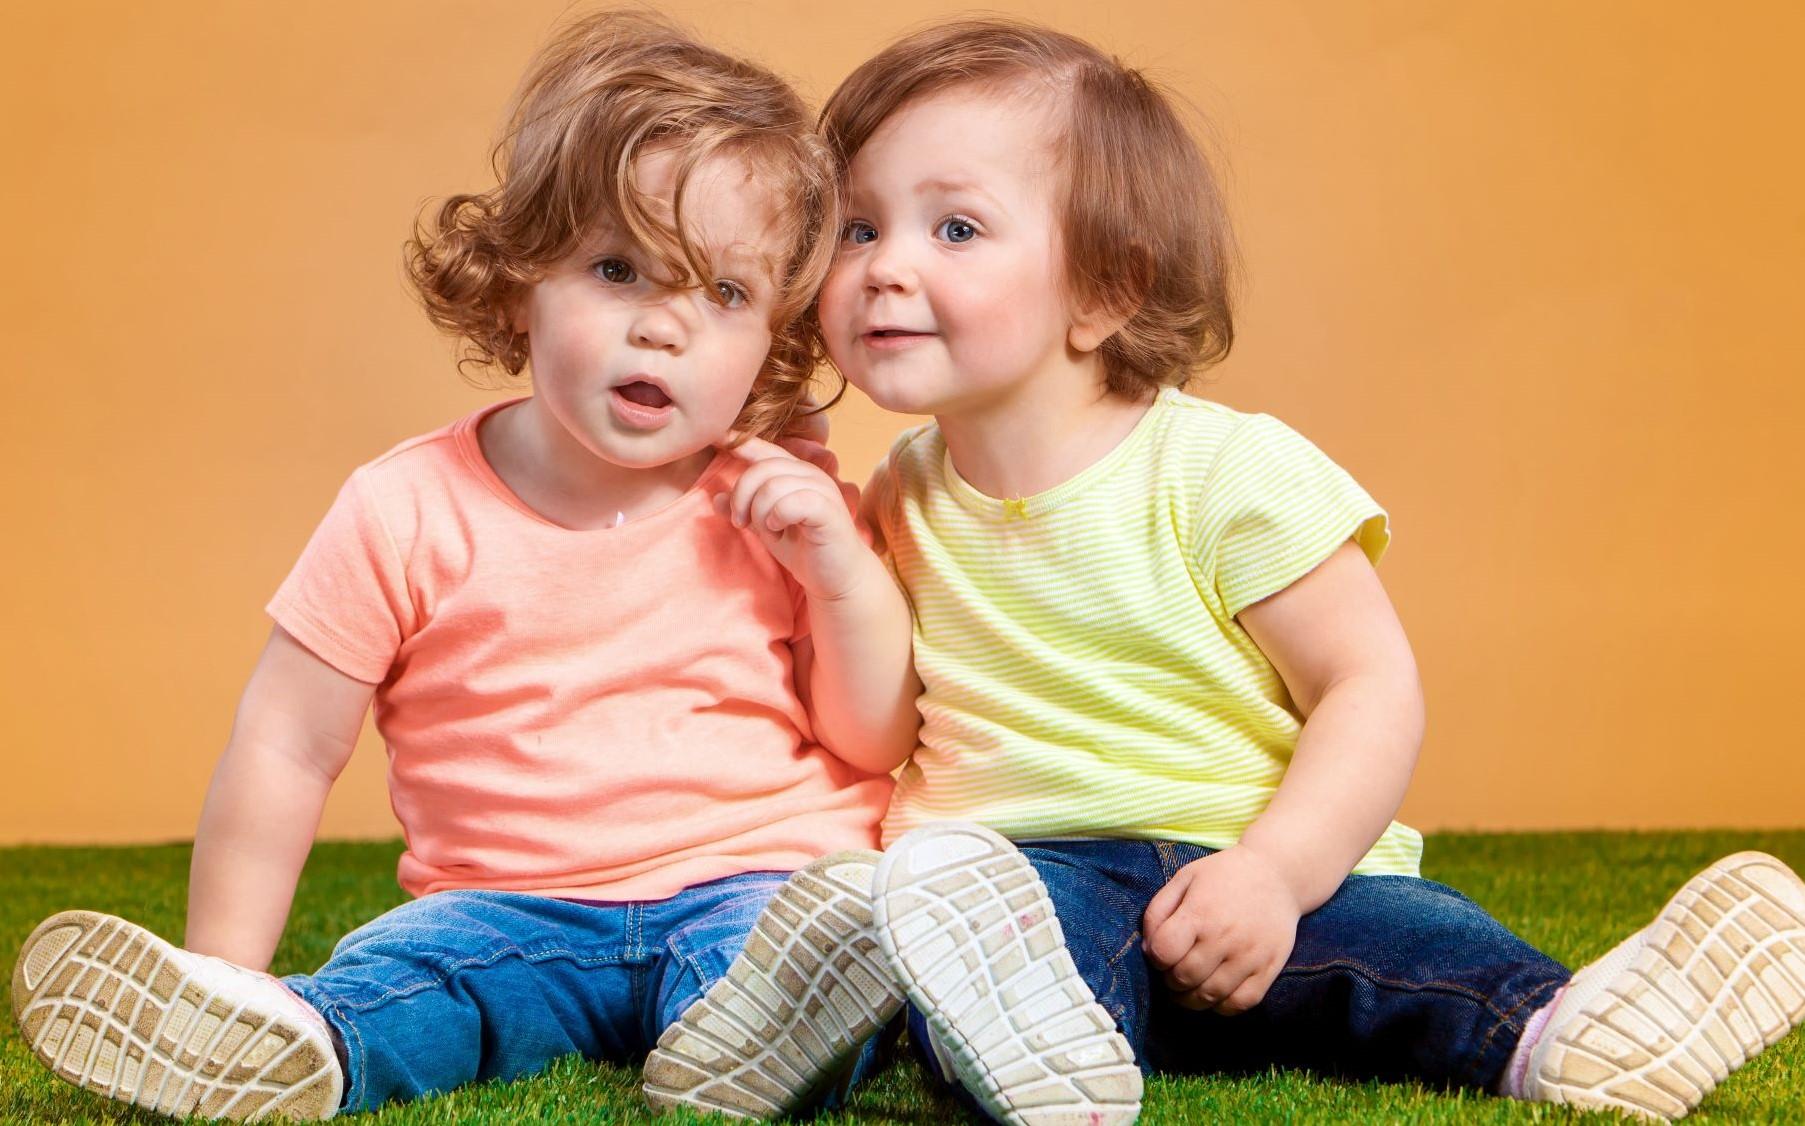 Prevenção no convívio com outros bebés